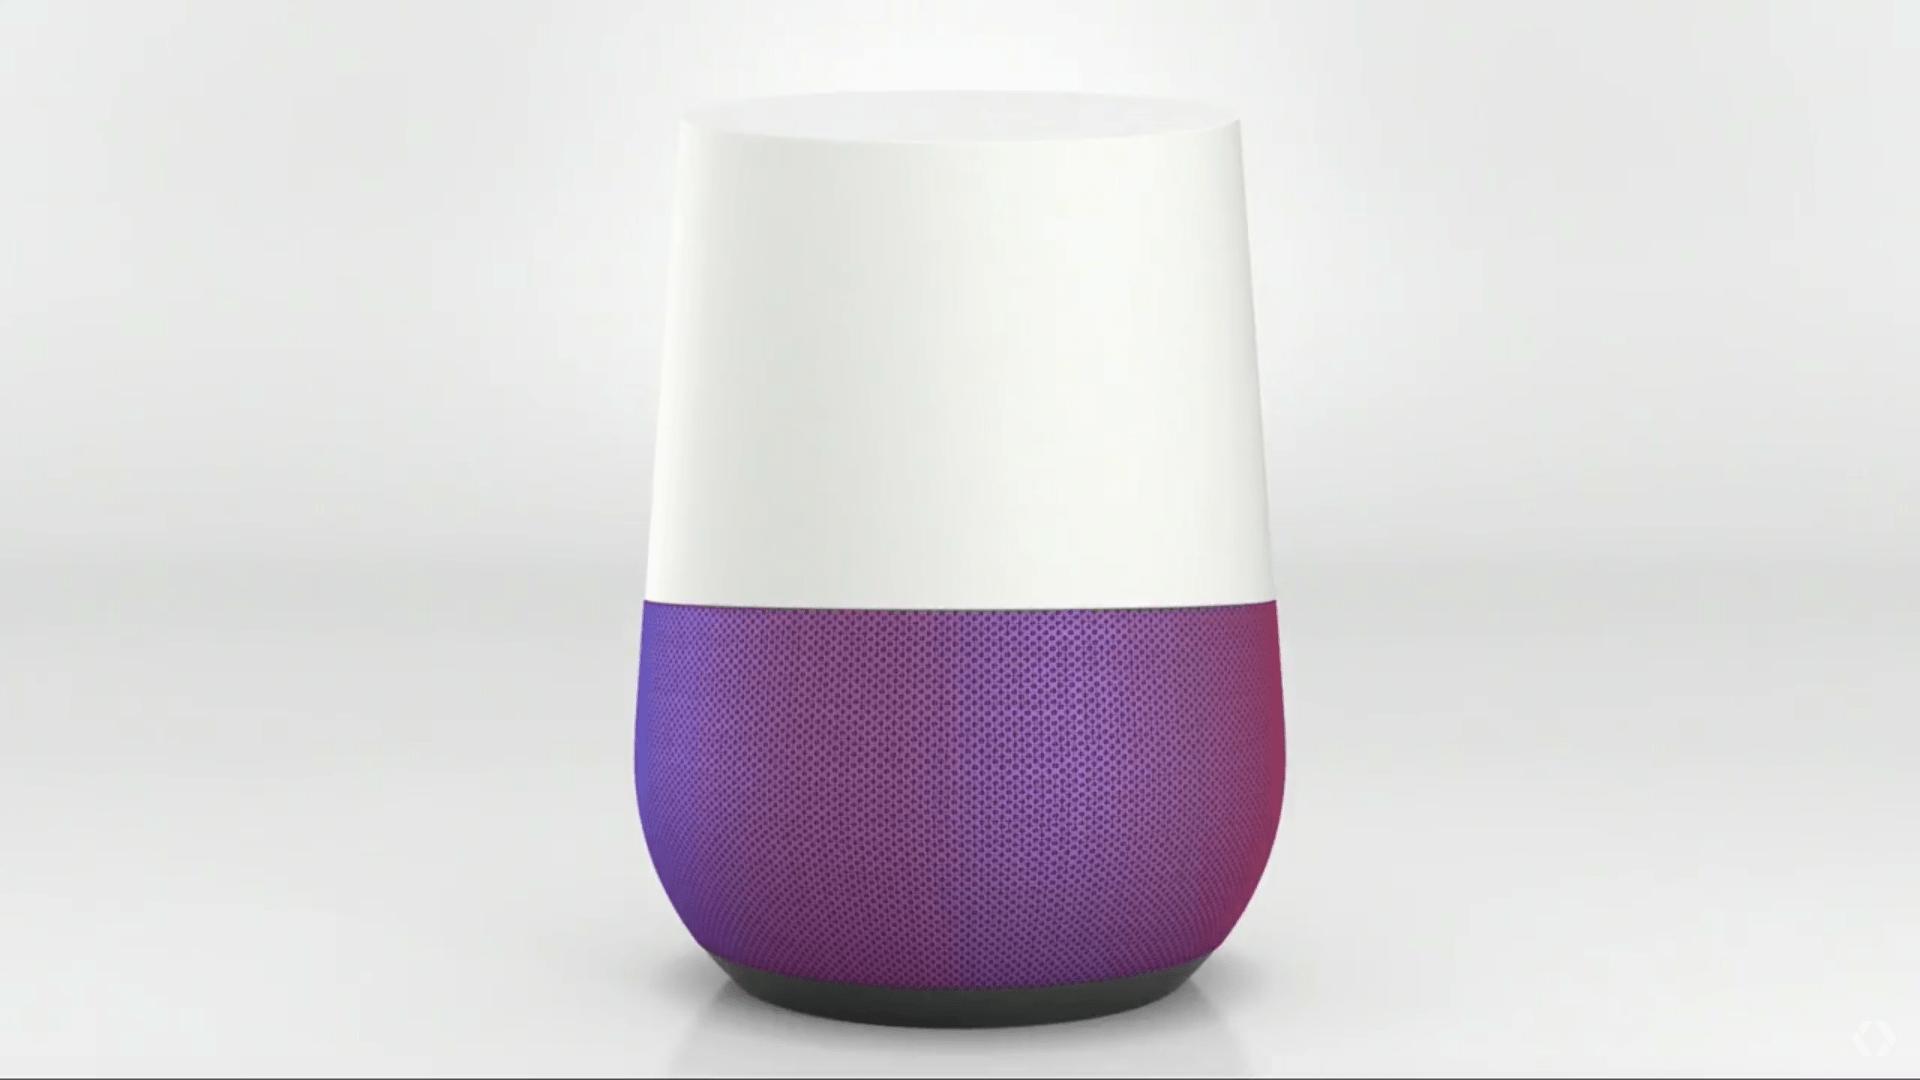 Google Home | Quelle: APPkosmos